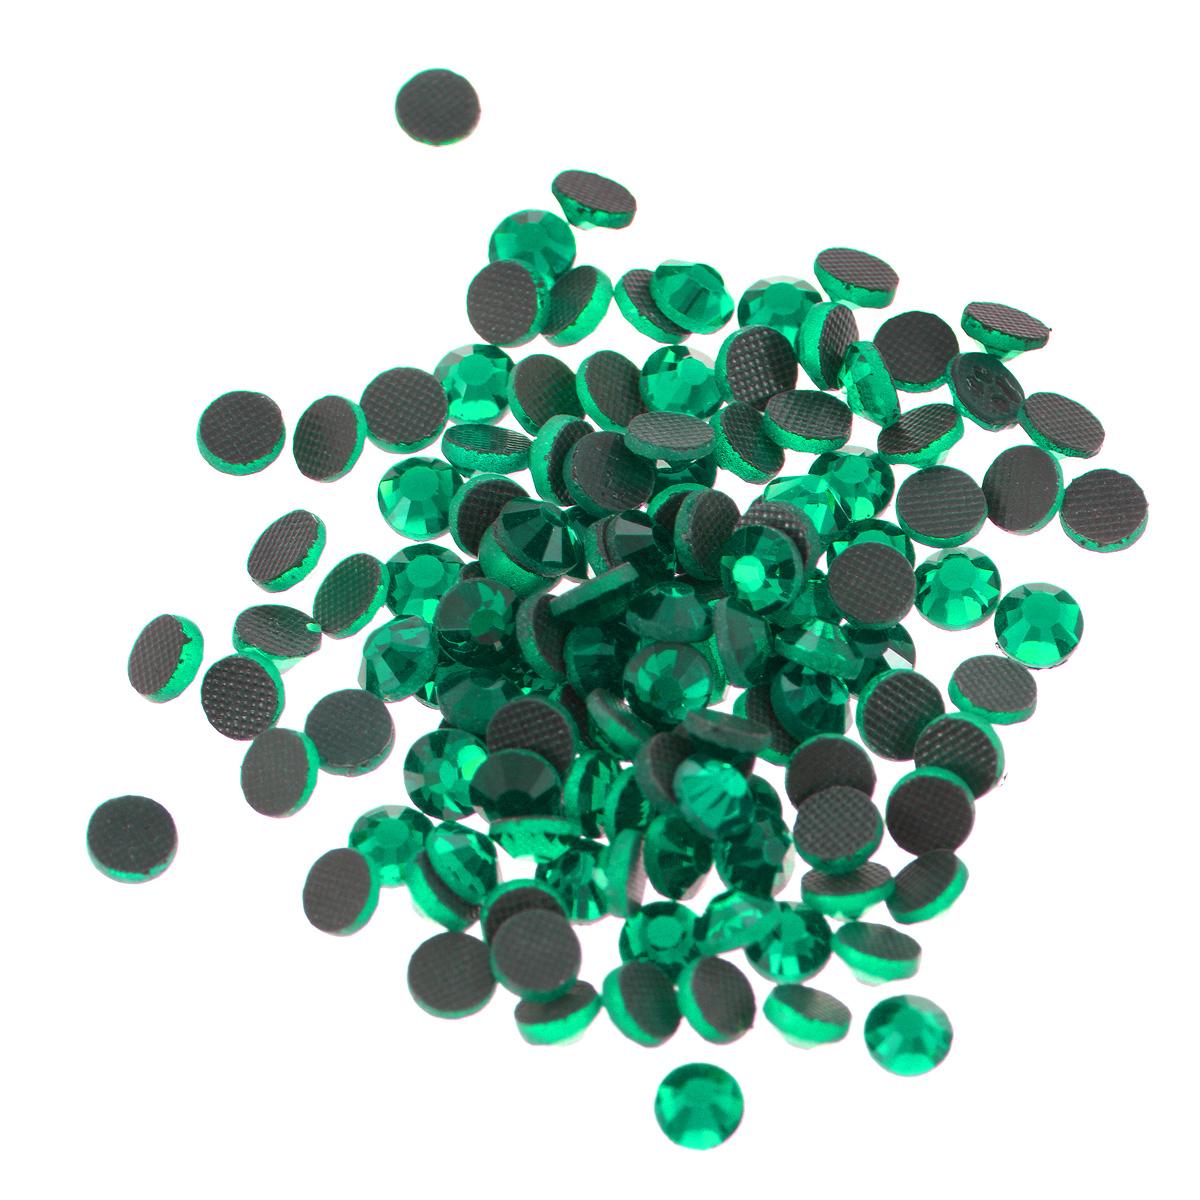 Стразы термоклеевые Cristal, цвет: зеленый (205), диаметр 4,8 мм, 144 шт7706832_205Набор термоклеевых страз Cristal, изготовленный из высококачественного акрила, позволит вам украсить одежду, аксессуары или текстиль. Яркие стразы имеют плоское дно и круглую поверхность с гранями.Дно термоклеевых страз уже обработано особым клеем, который под воздействием высоких температур начинает плавиться, приклеиваясь, таким образом, к требуемой поверхности. Чаще всего их используют в текстильной промышленности: стразы прикладывают к ткани и проглаживают утюгом с обратной стороны. Также можно использовать специальный паяльник. Украшение стразами поможет сделать любую вещь оригинальной и неповторимой. Диаметр стразы: 4,8 мм.